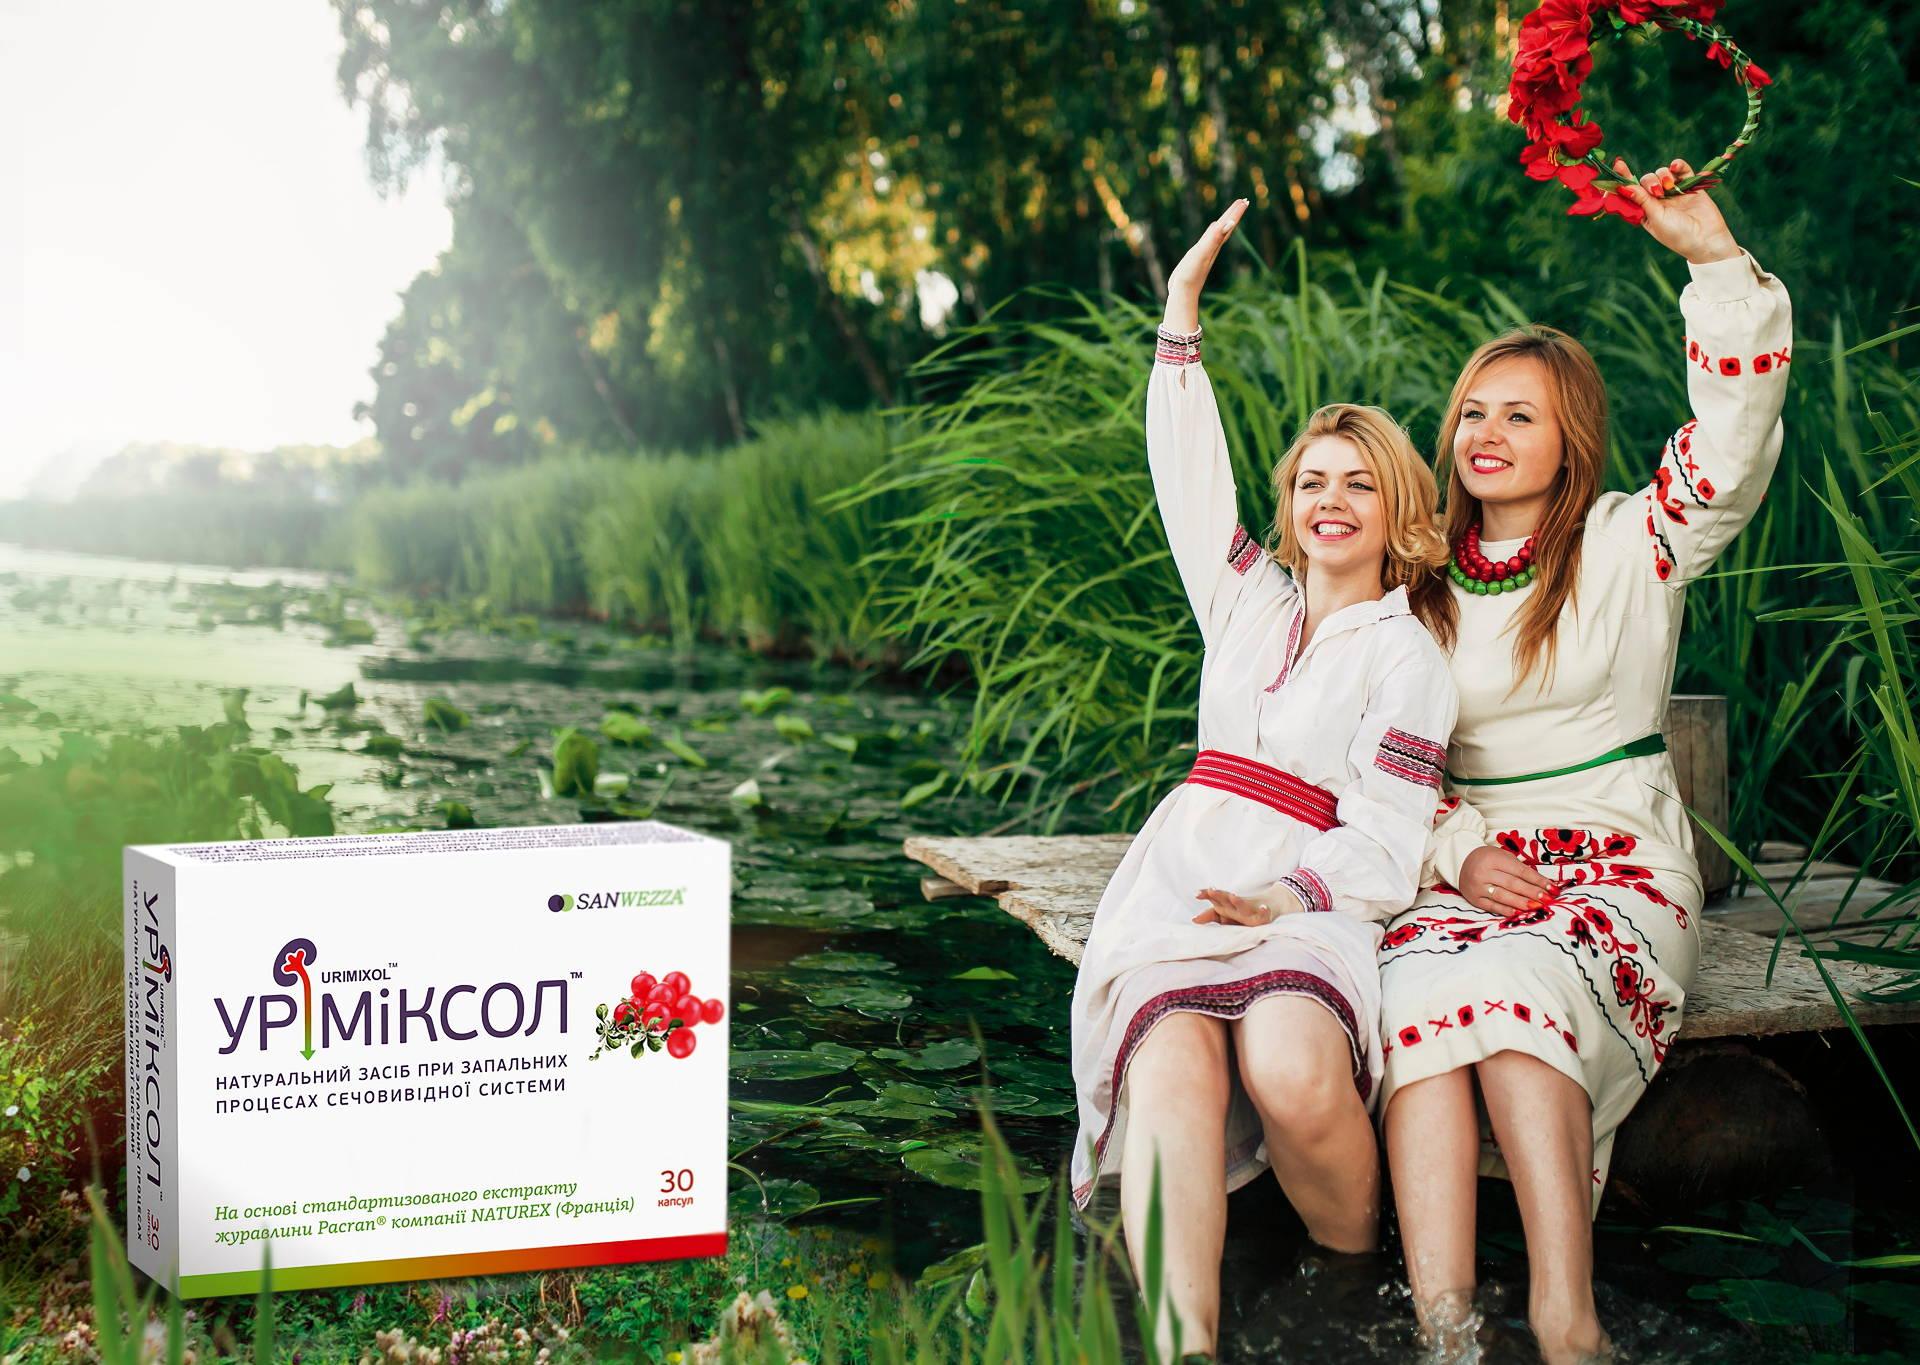 Разработка дизайна медицинской упаковки препарата Уримиксол